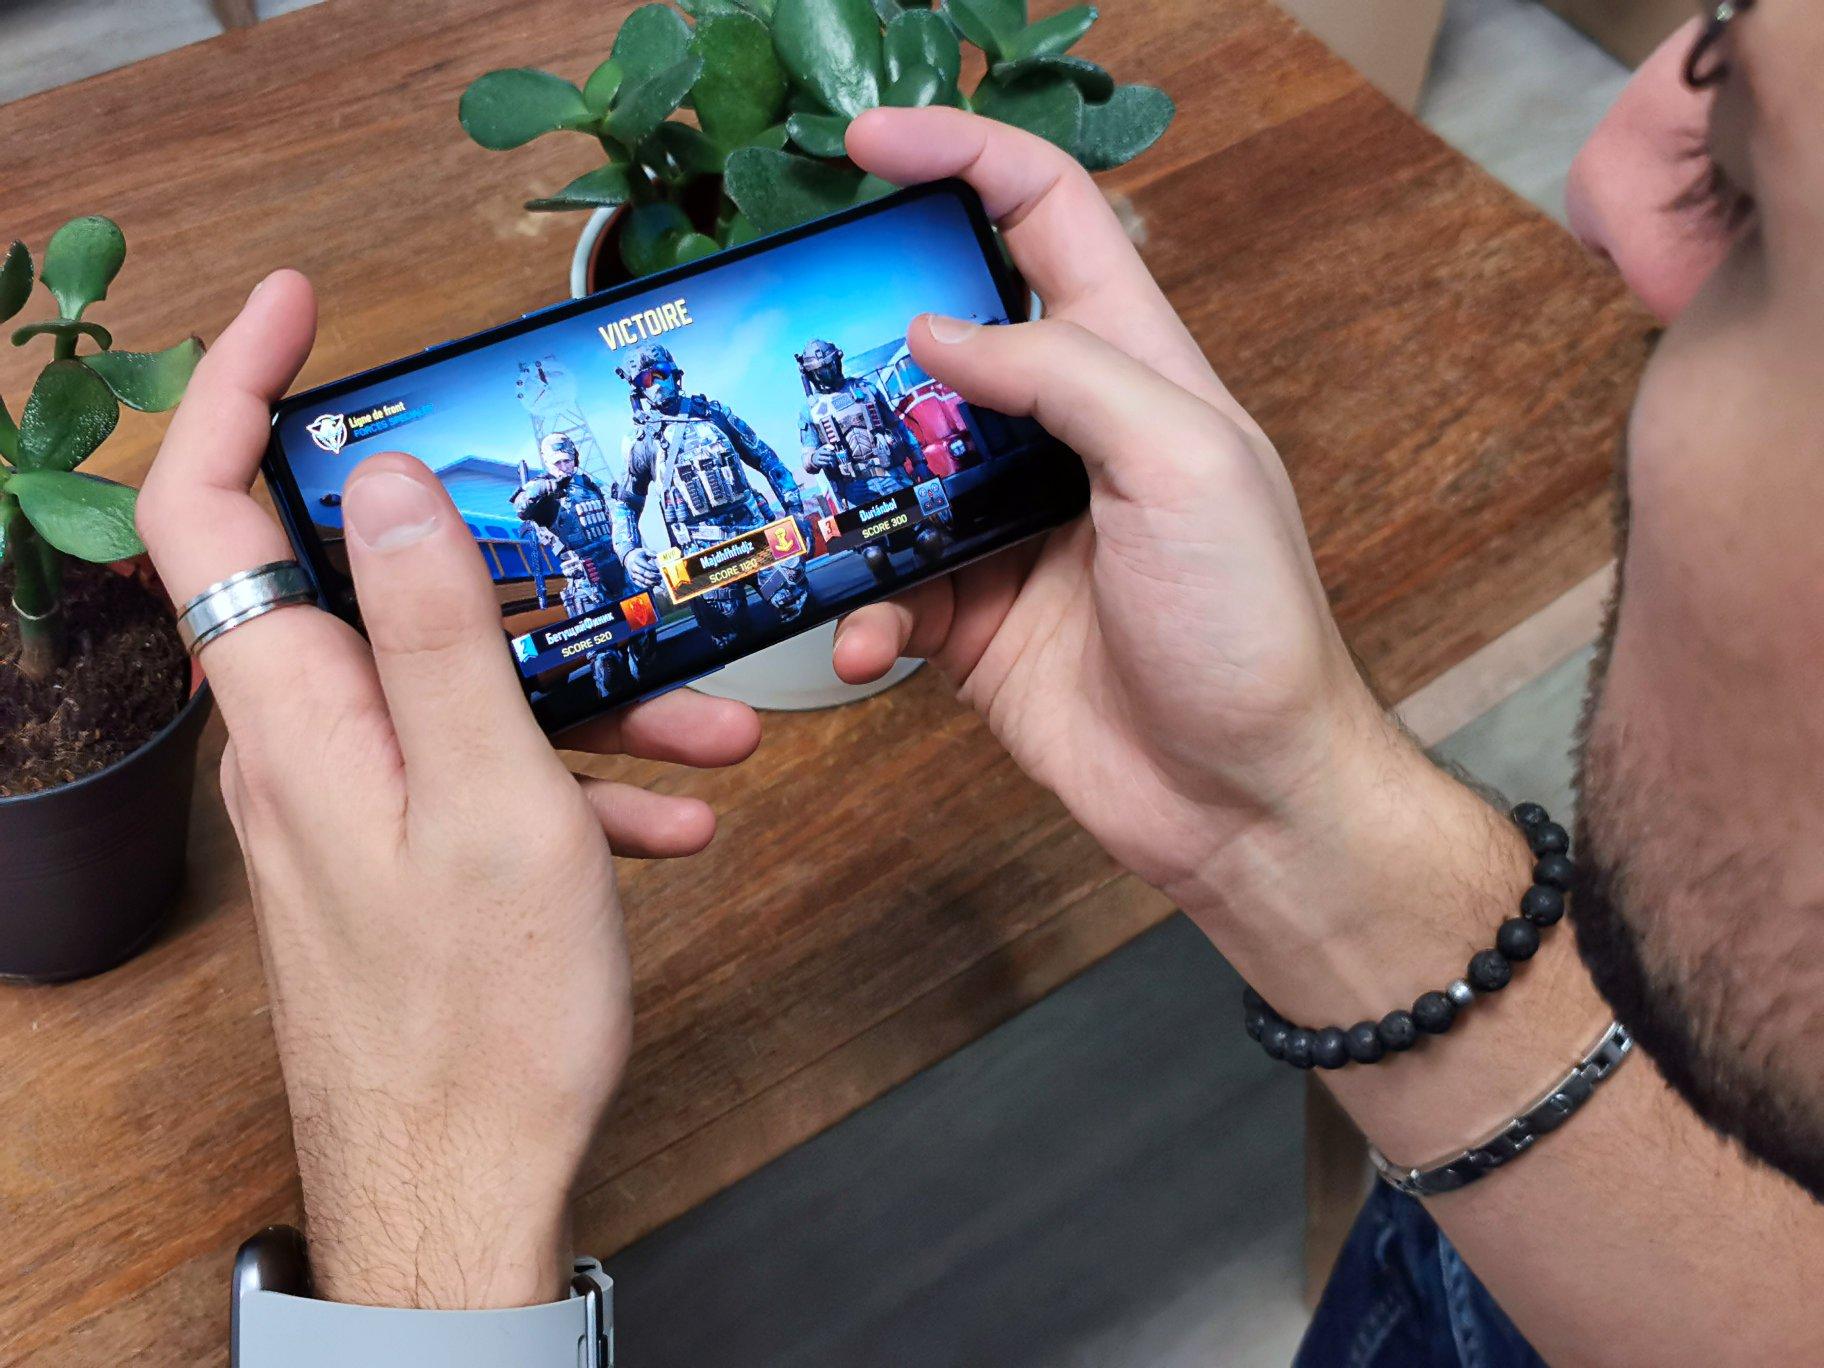 Les Meilleurs Fps Et Tps (Jeux De Tir) Sur Android Et Iphone encequiconcerne Jeux De Fille 4 Ans Gratuit